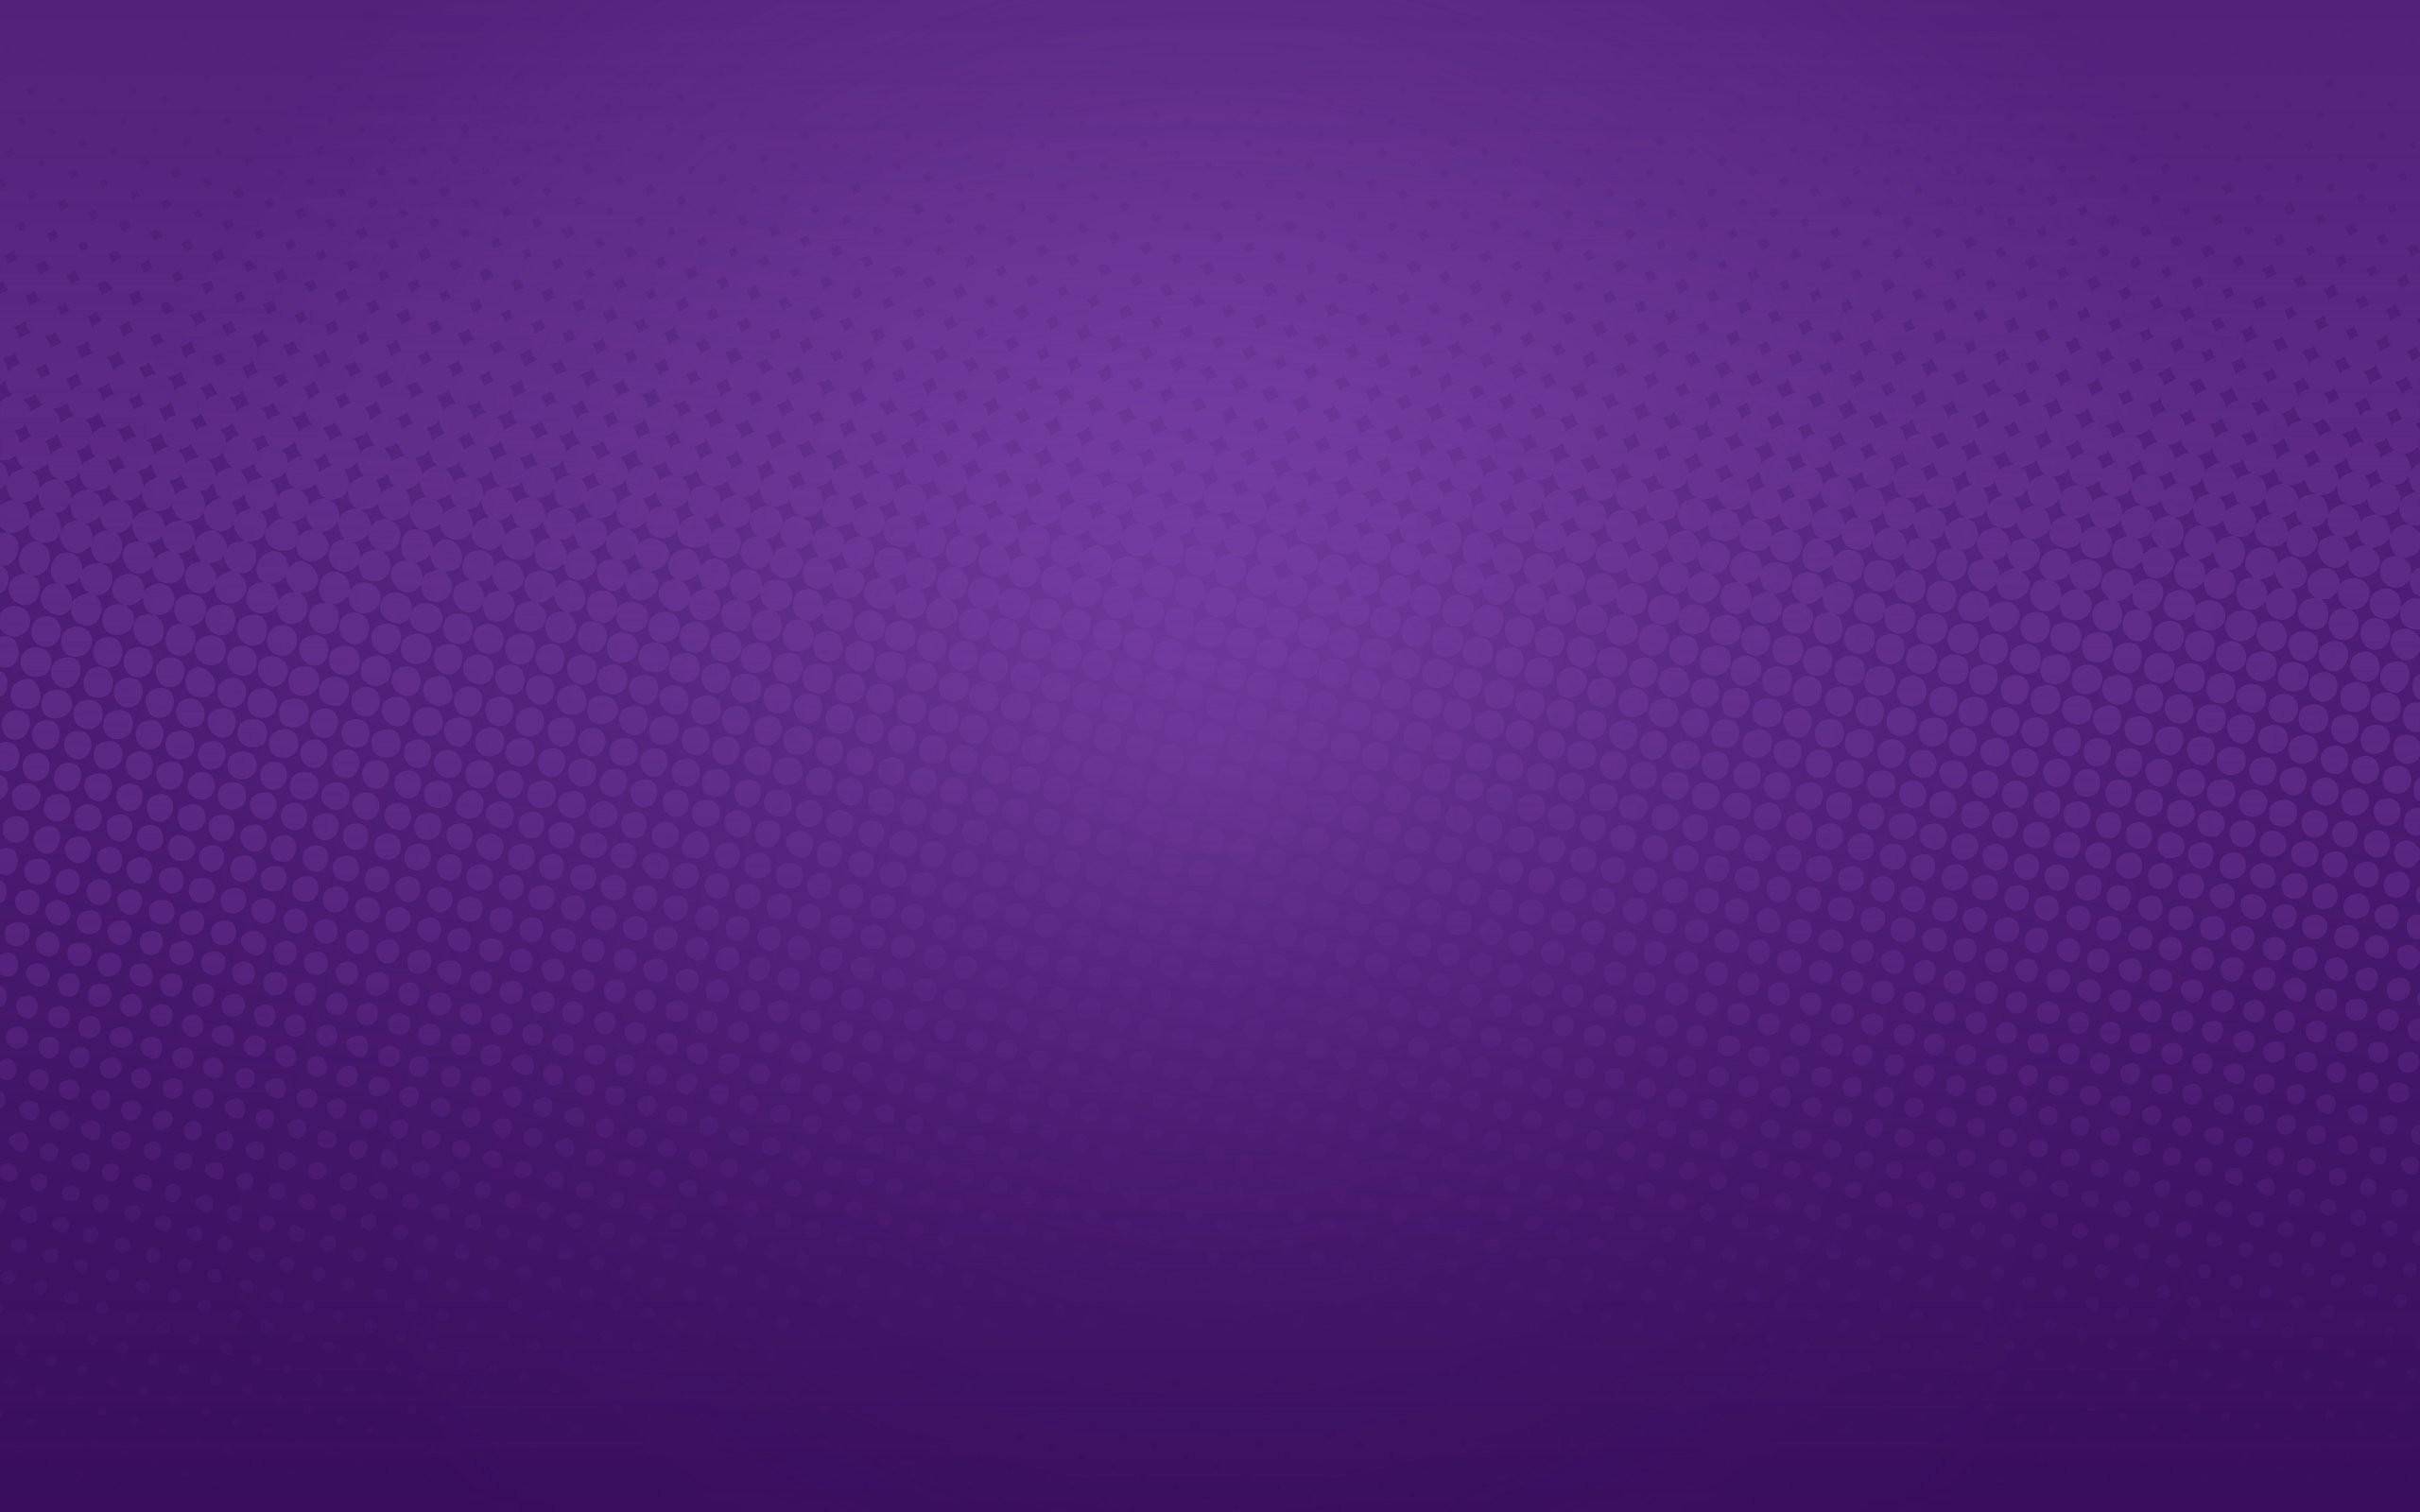 Purple-Wallpaper